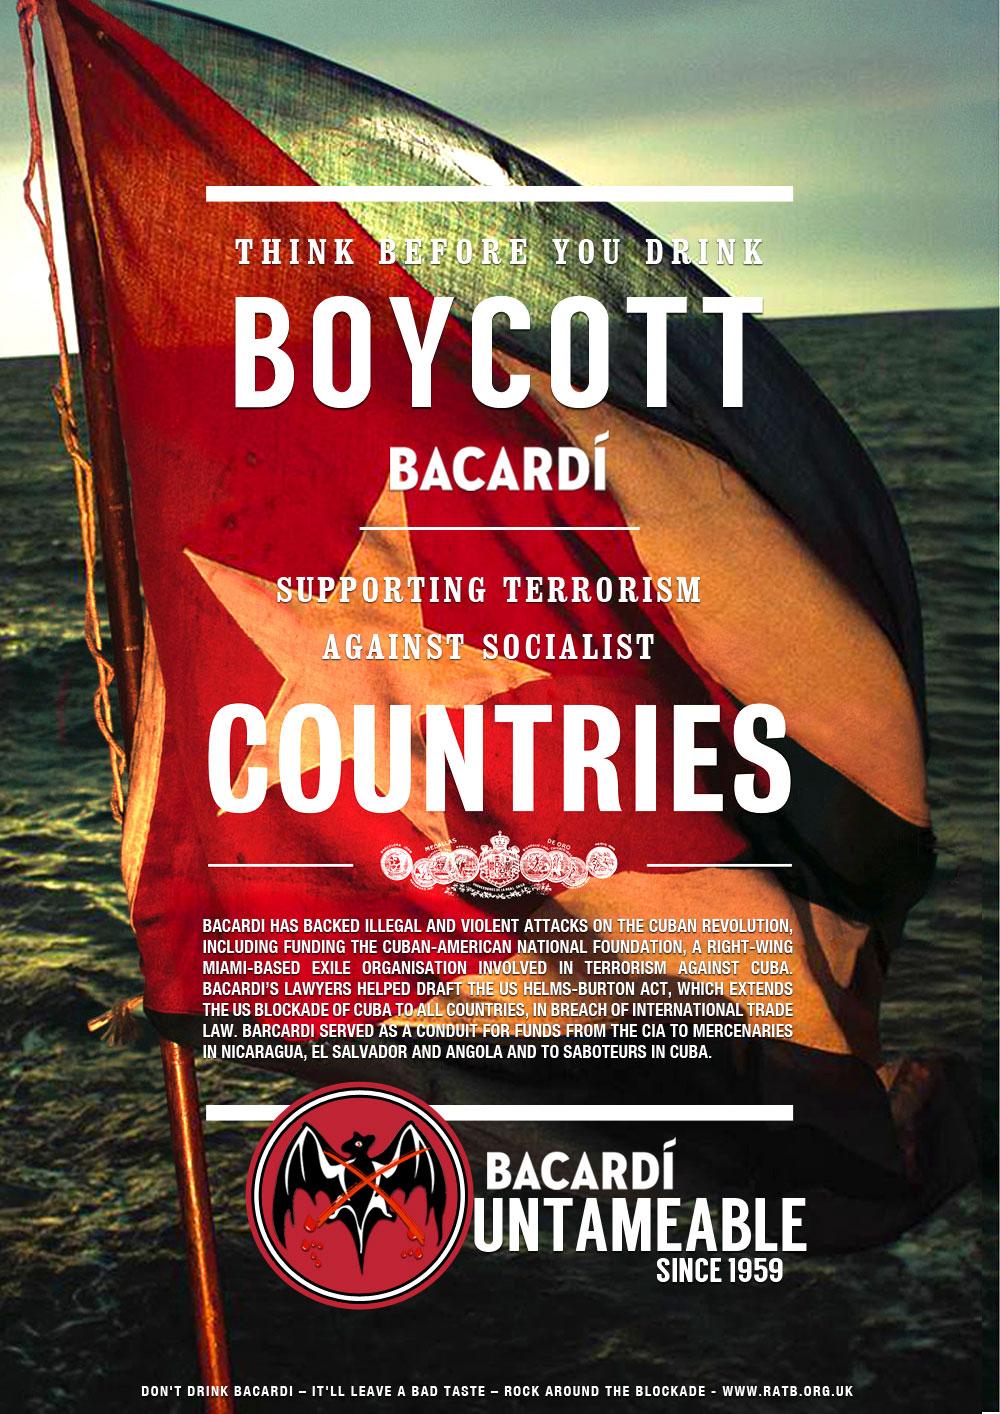 Bocott Bacardi